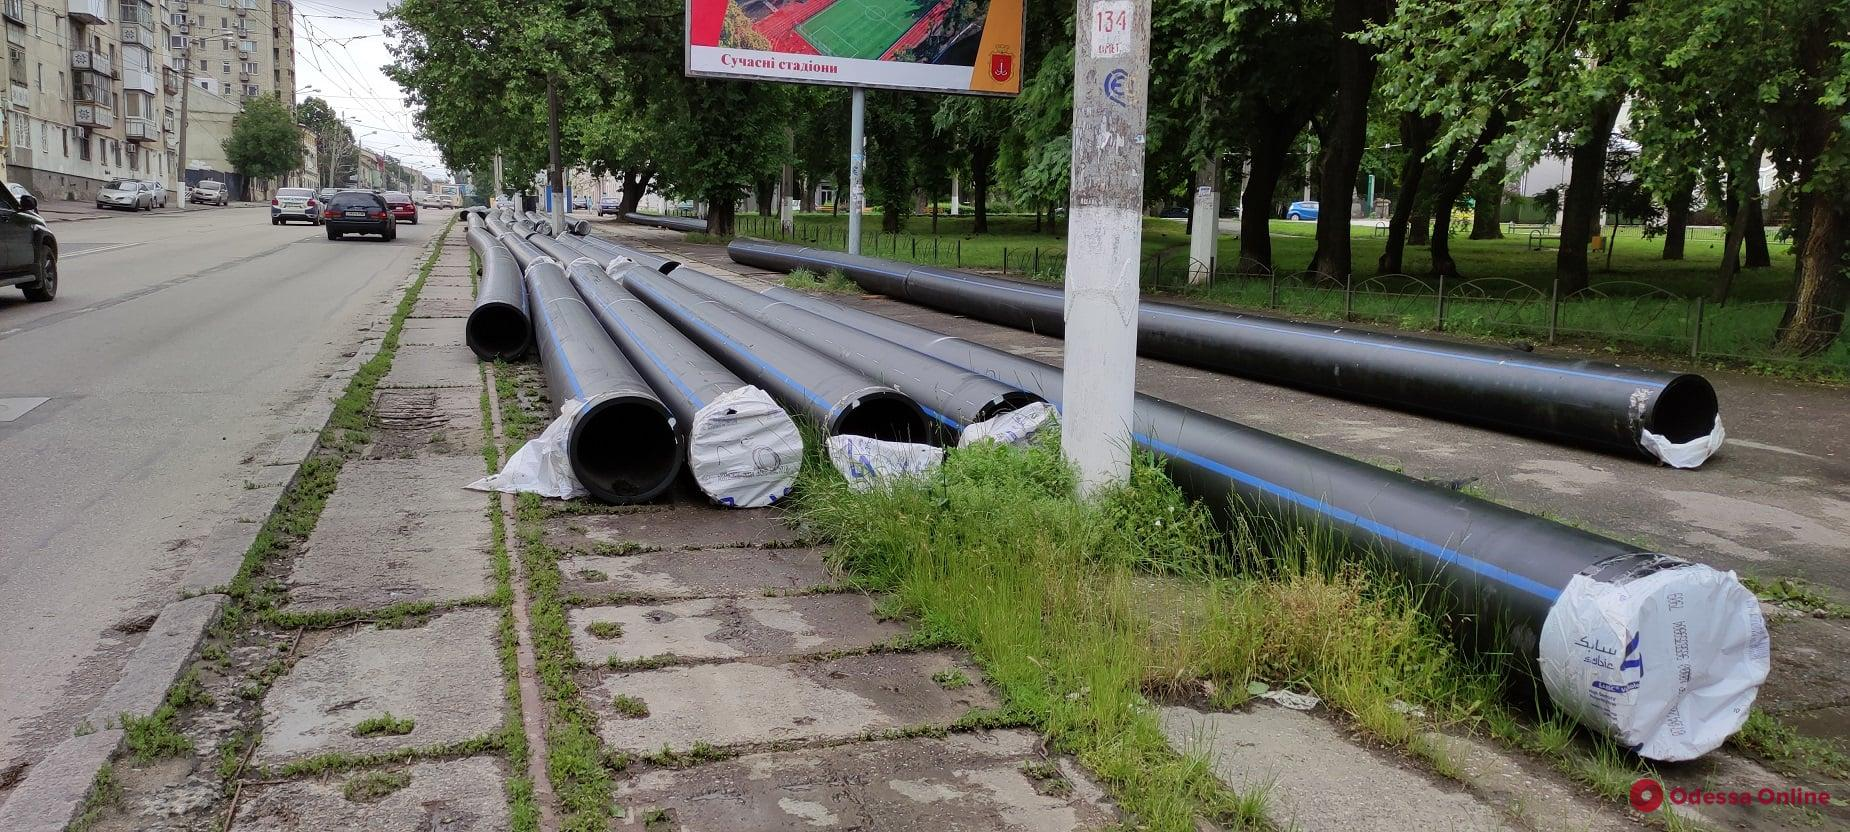 В ночь на 13 октября в трех районах Одессы отключат воду